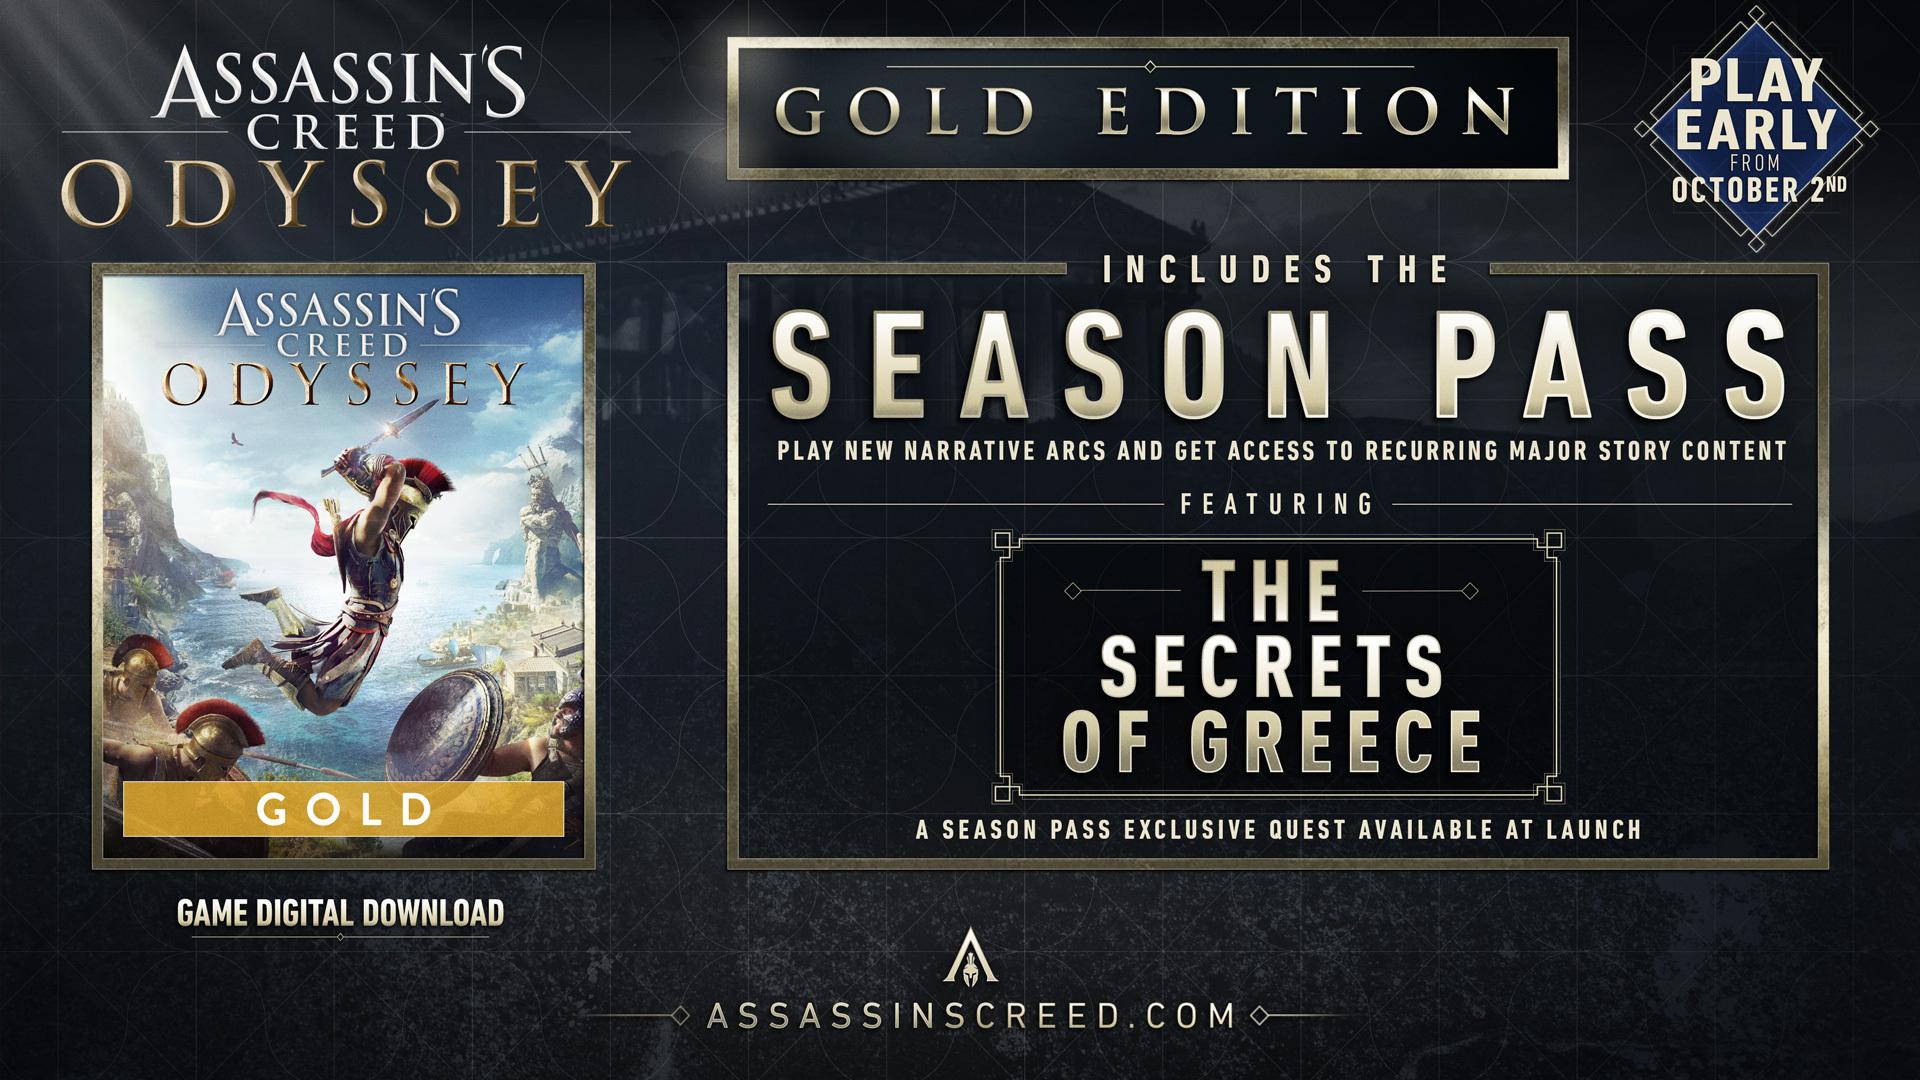 خرید سی دی کی اریجینال یوپلی بازی Assassins Creed Odyssey Gold Edition